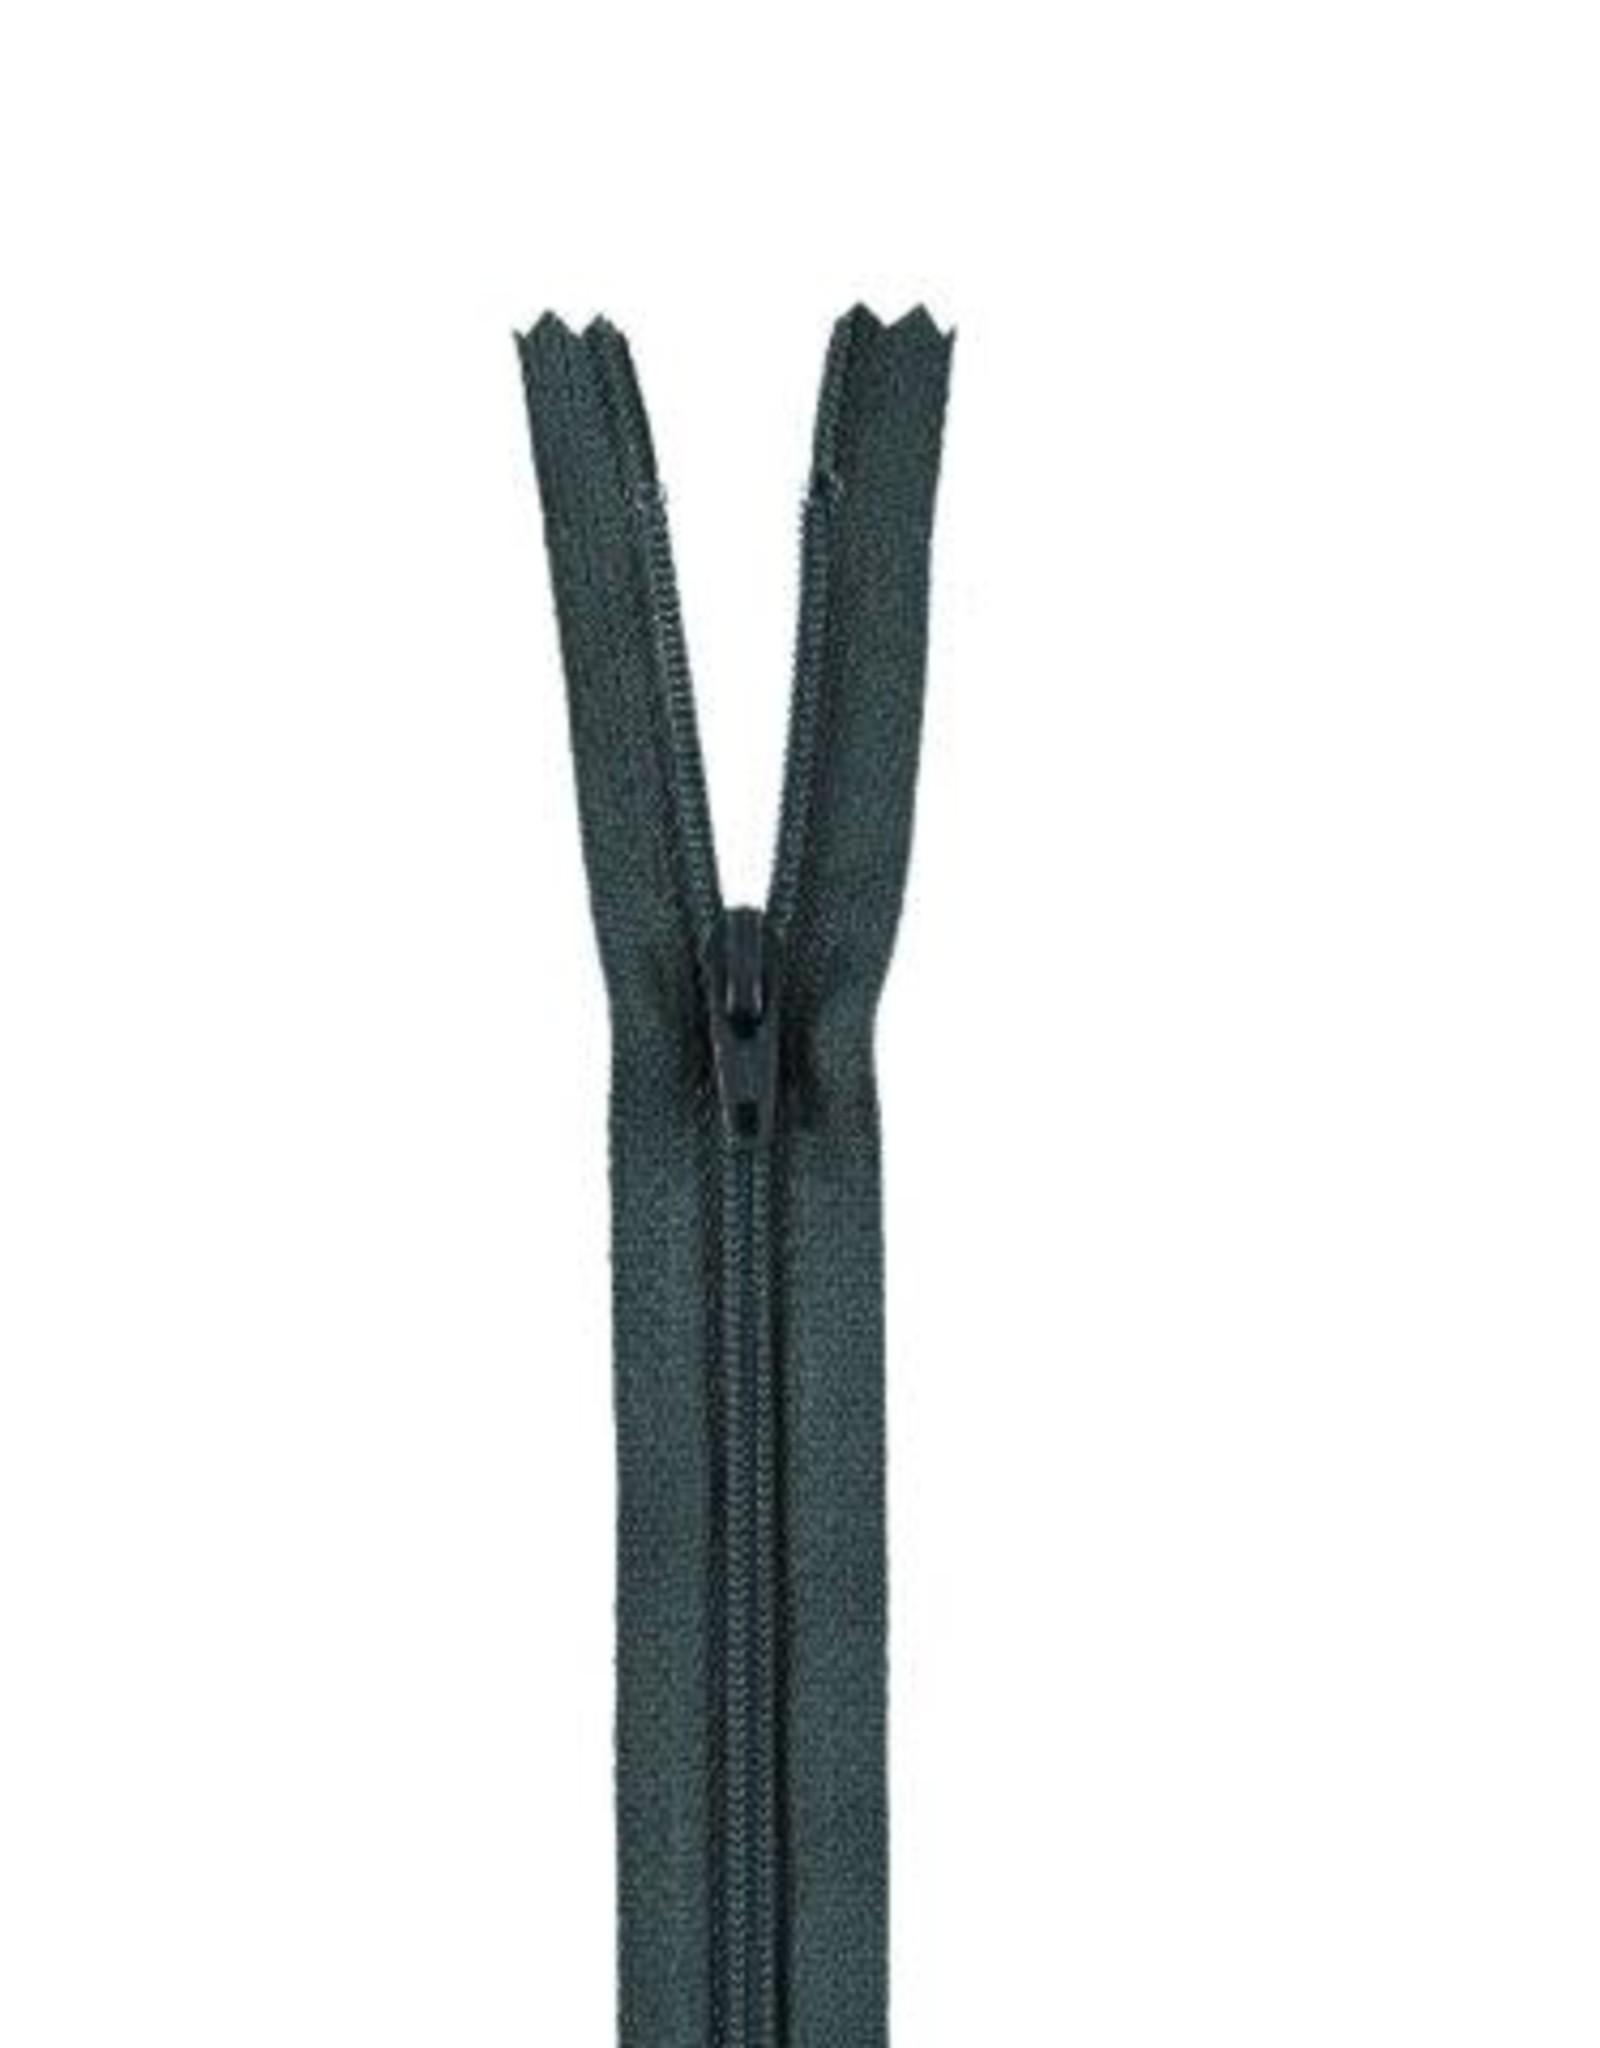 YKK Spiraalrits niet-DB 3mm grijsblauw 579-12cm